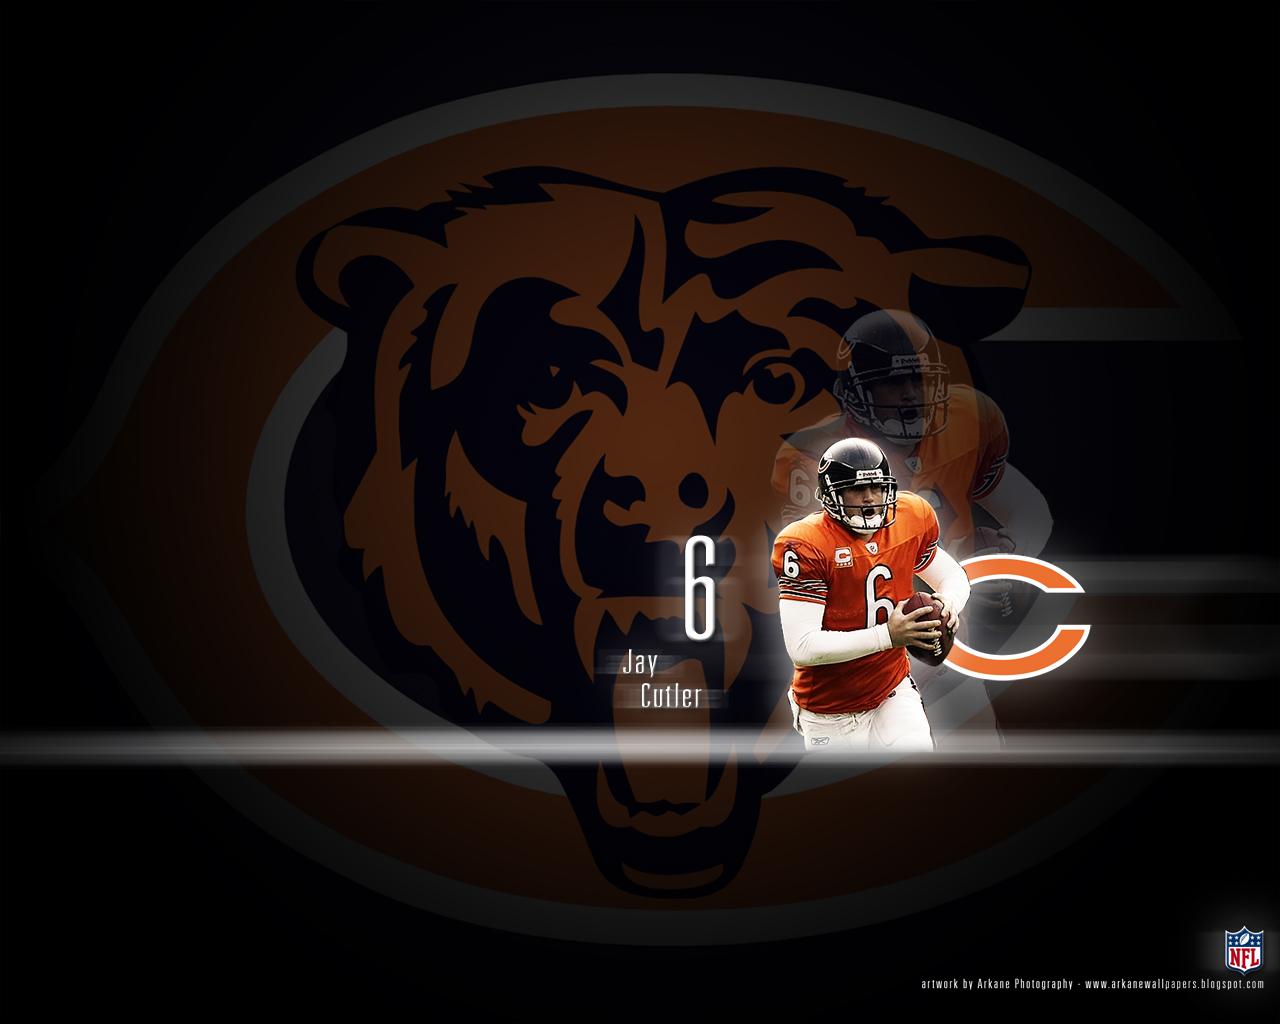 http://3.bp.blogspot.com/_JuYYGgmnUQU/SwF5G6wgnKI/AAAAAAAAAR8/g5Og4xwqDpM/s1600/6+Jay+Cutler+-+Bears.jpeg